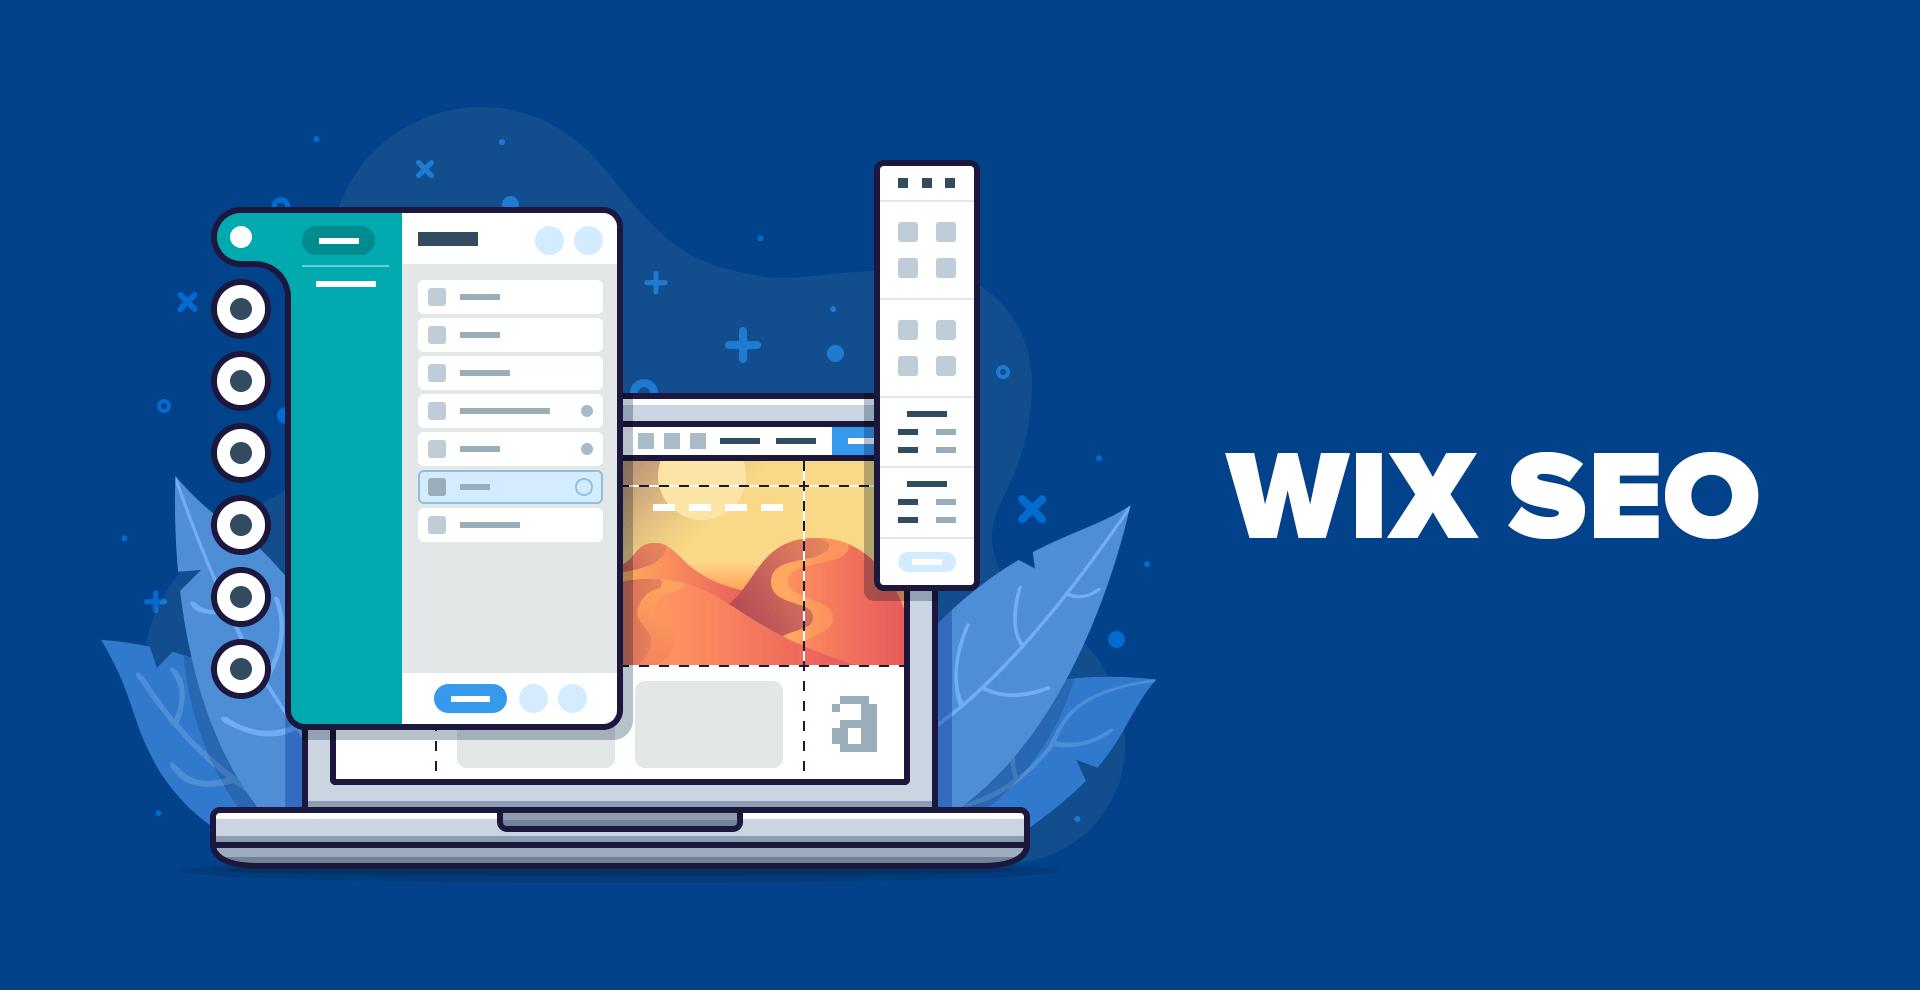 Wix SEO contre WordPress: 6.4M de domaines étudiés